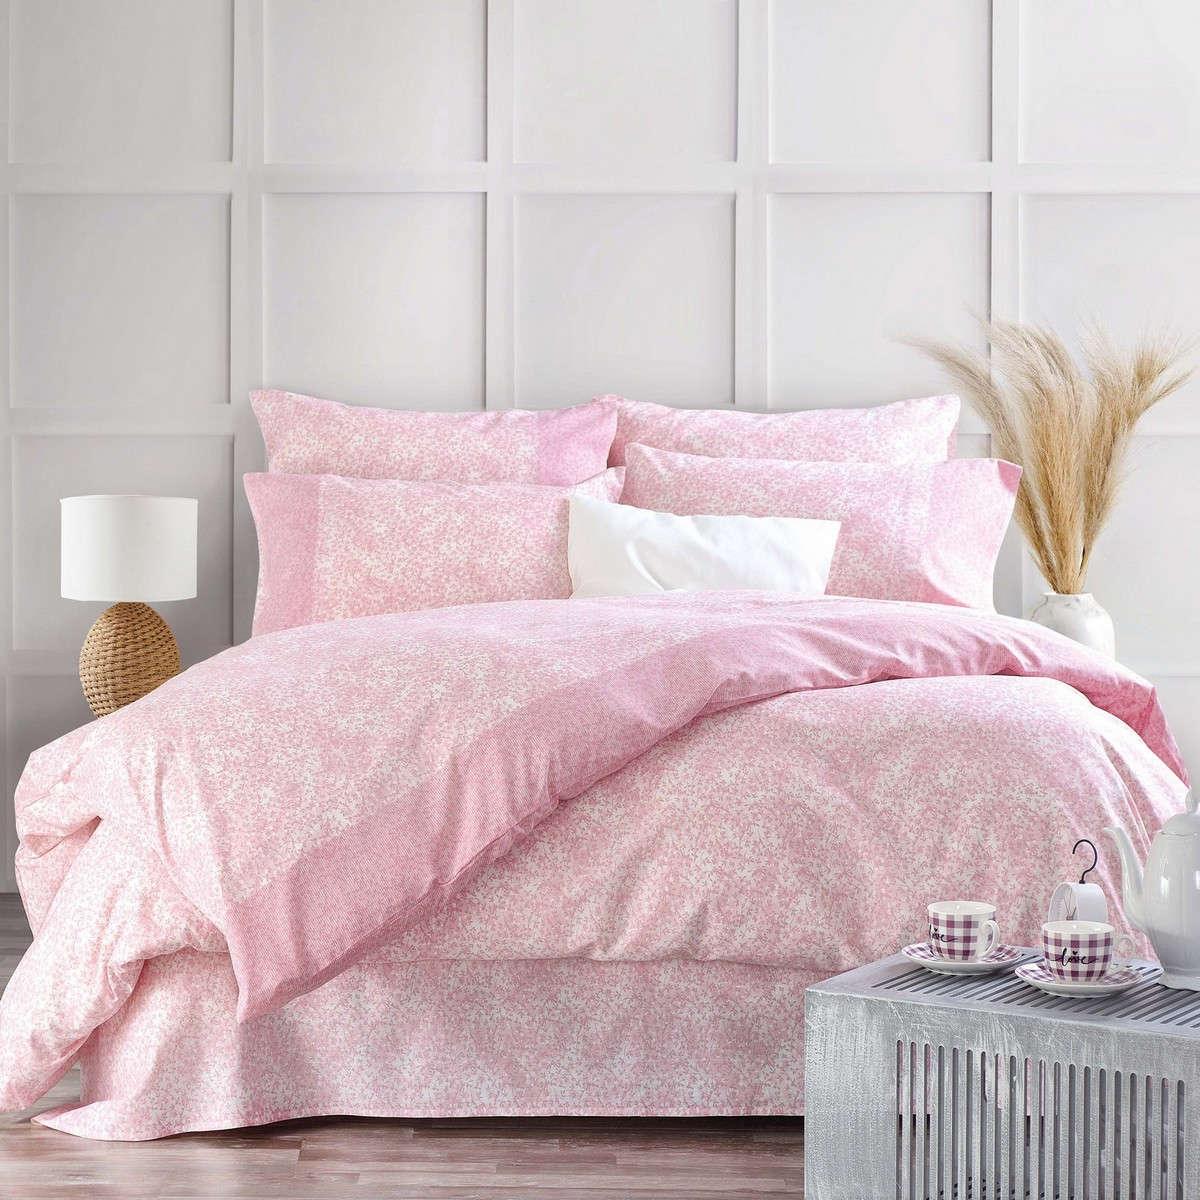 Σεντόνια Σετ 3Τμχ. Next Caressa Pink Με Λάστιχο Ρυθμός Μονό 105x205cm